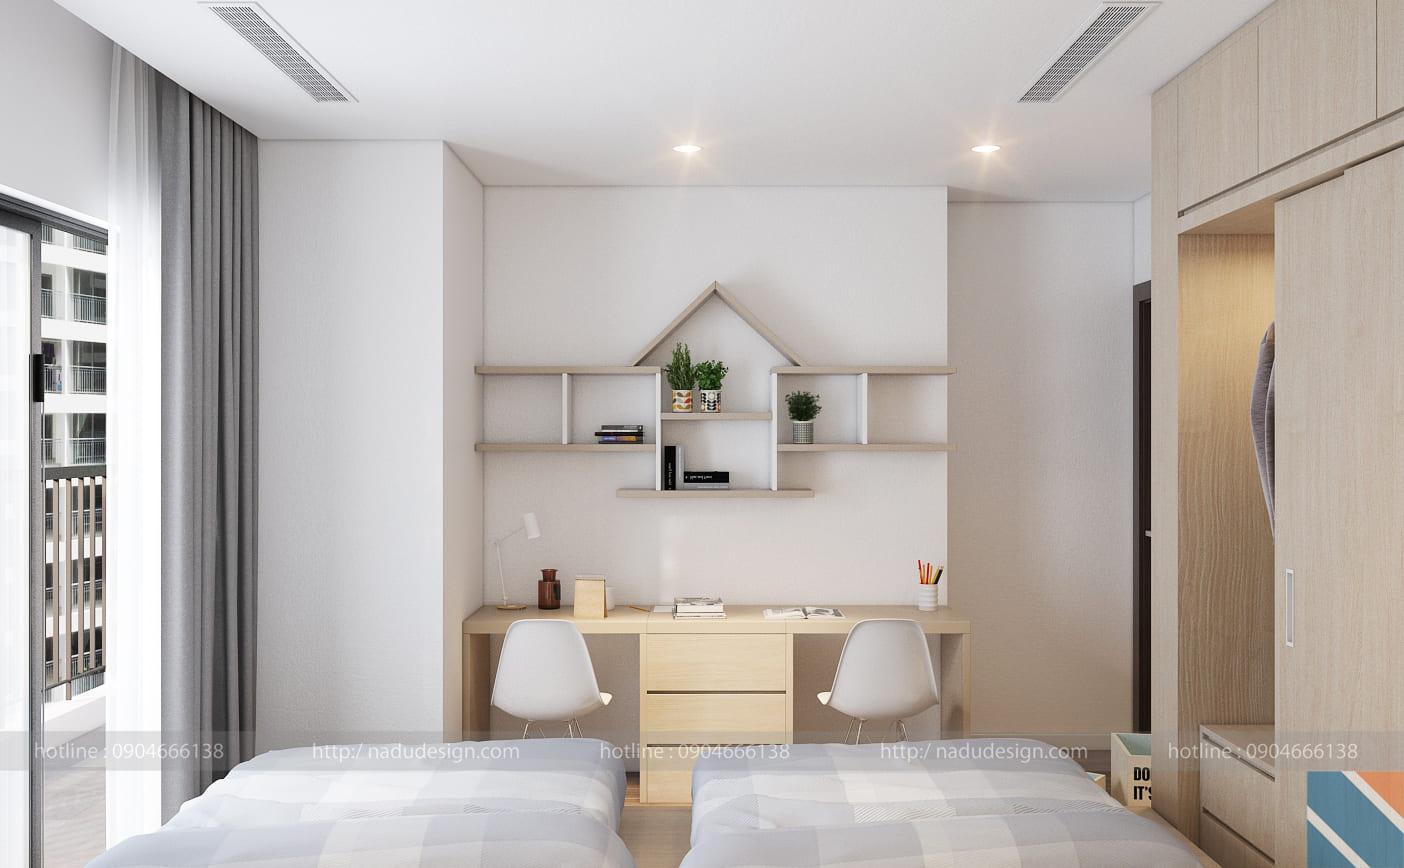 Mẫu thiết kế nội thất phòng ngủ 2 giường đẹp hiện đại